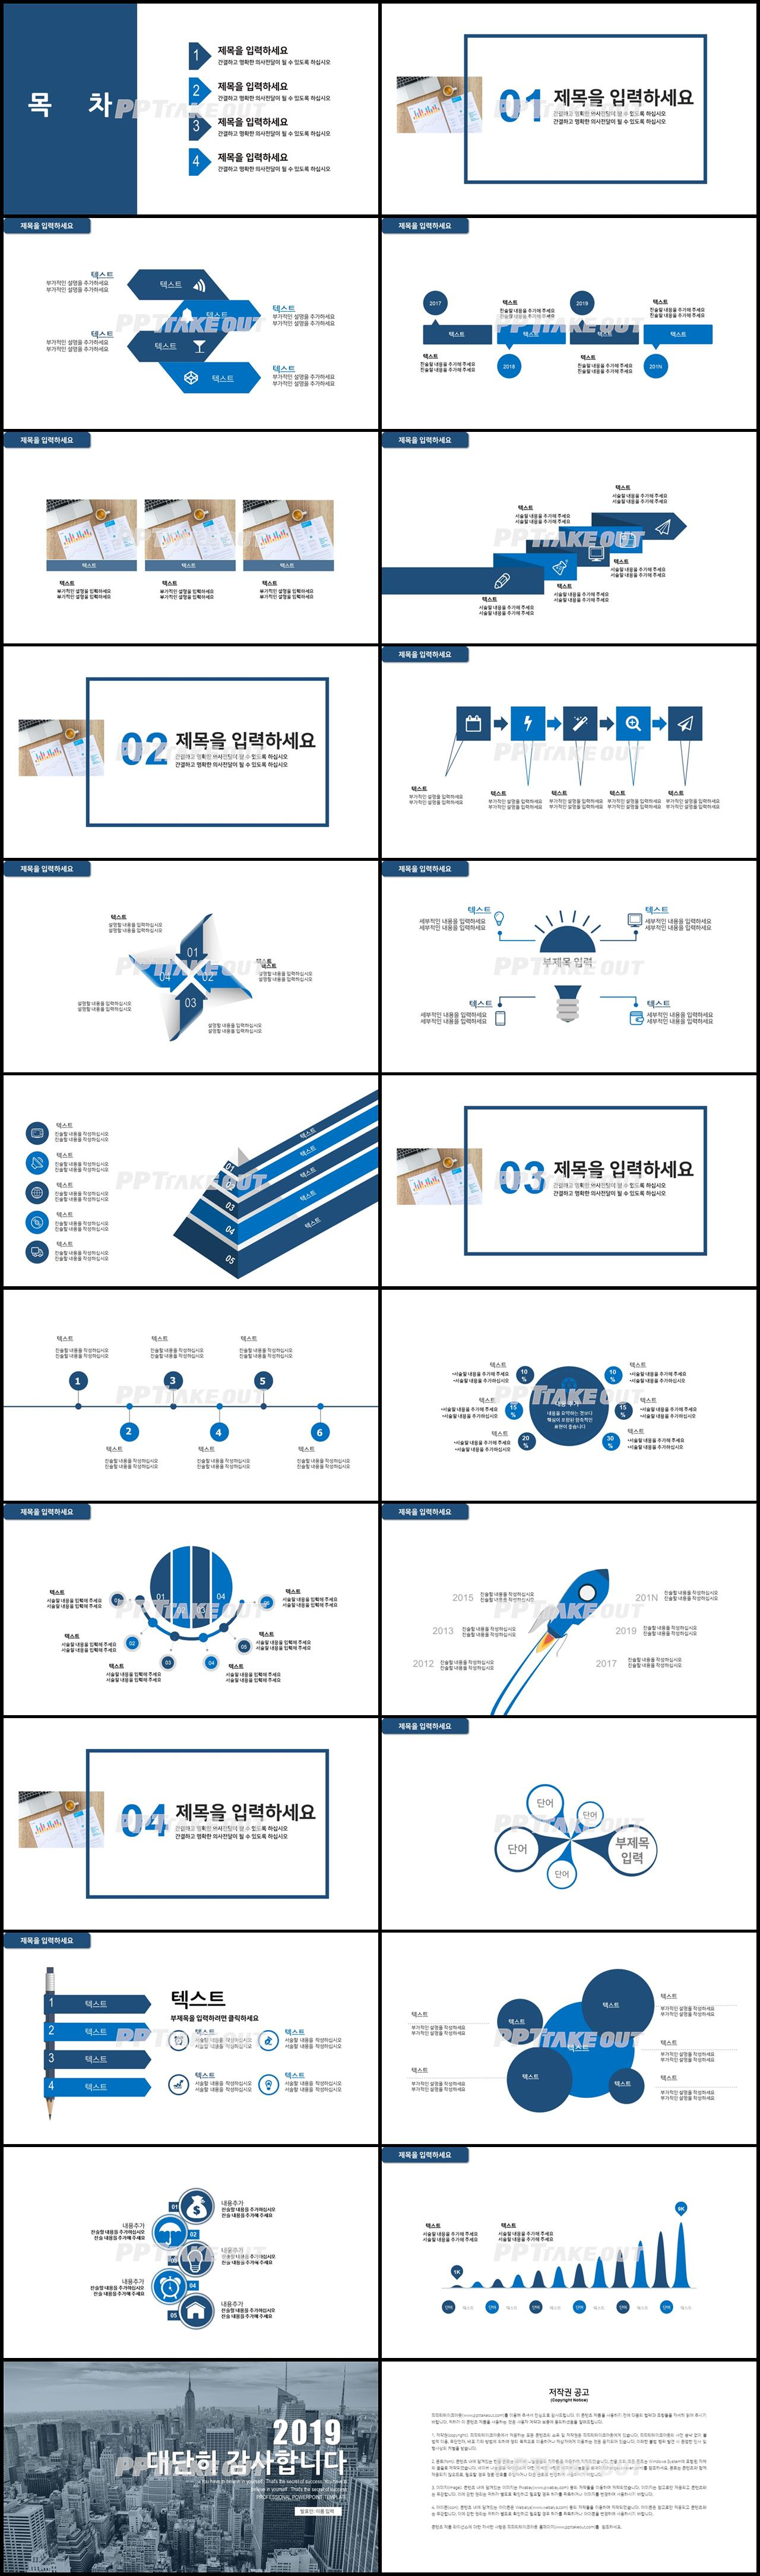 사업융자 블루 스타일 나는 매력적인 PPT탬플릿 제작 상세보기